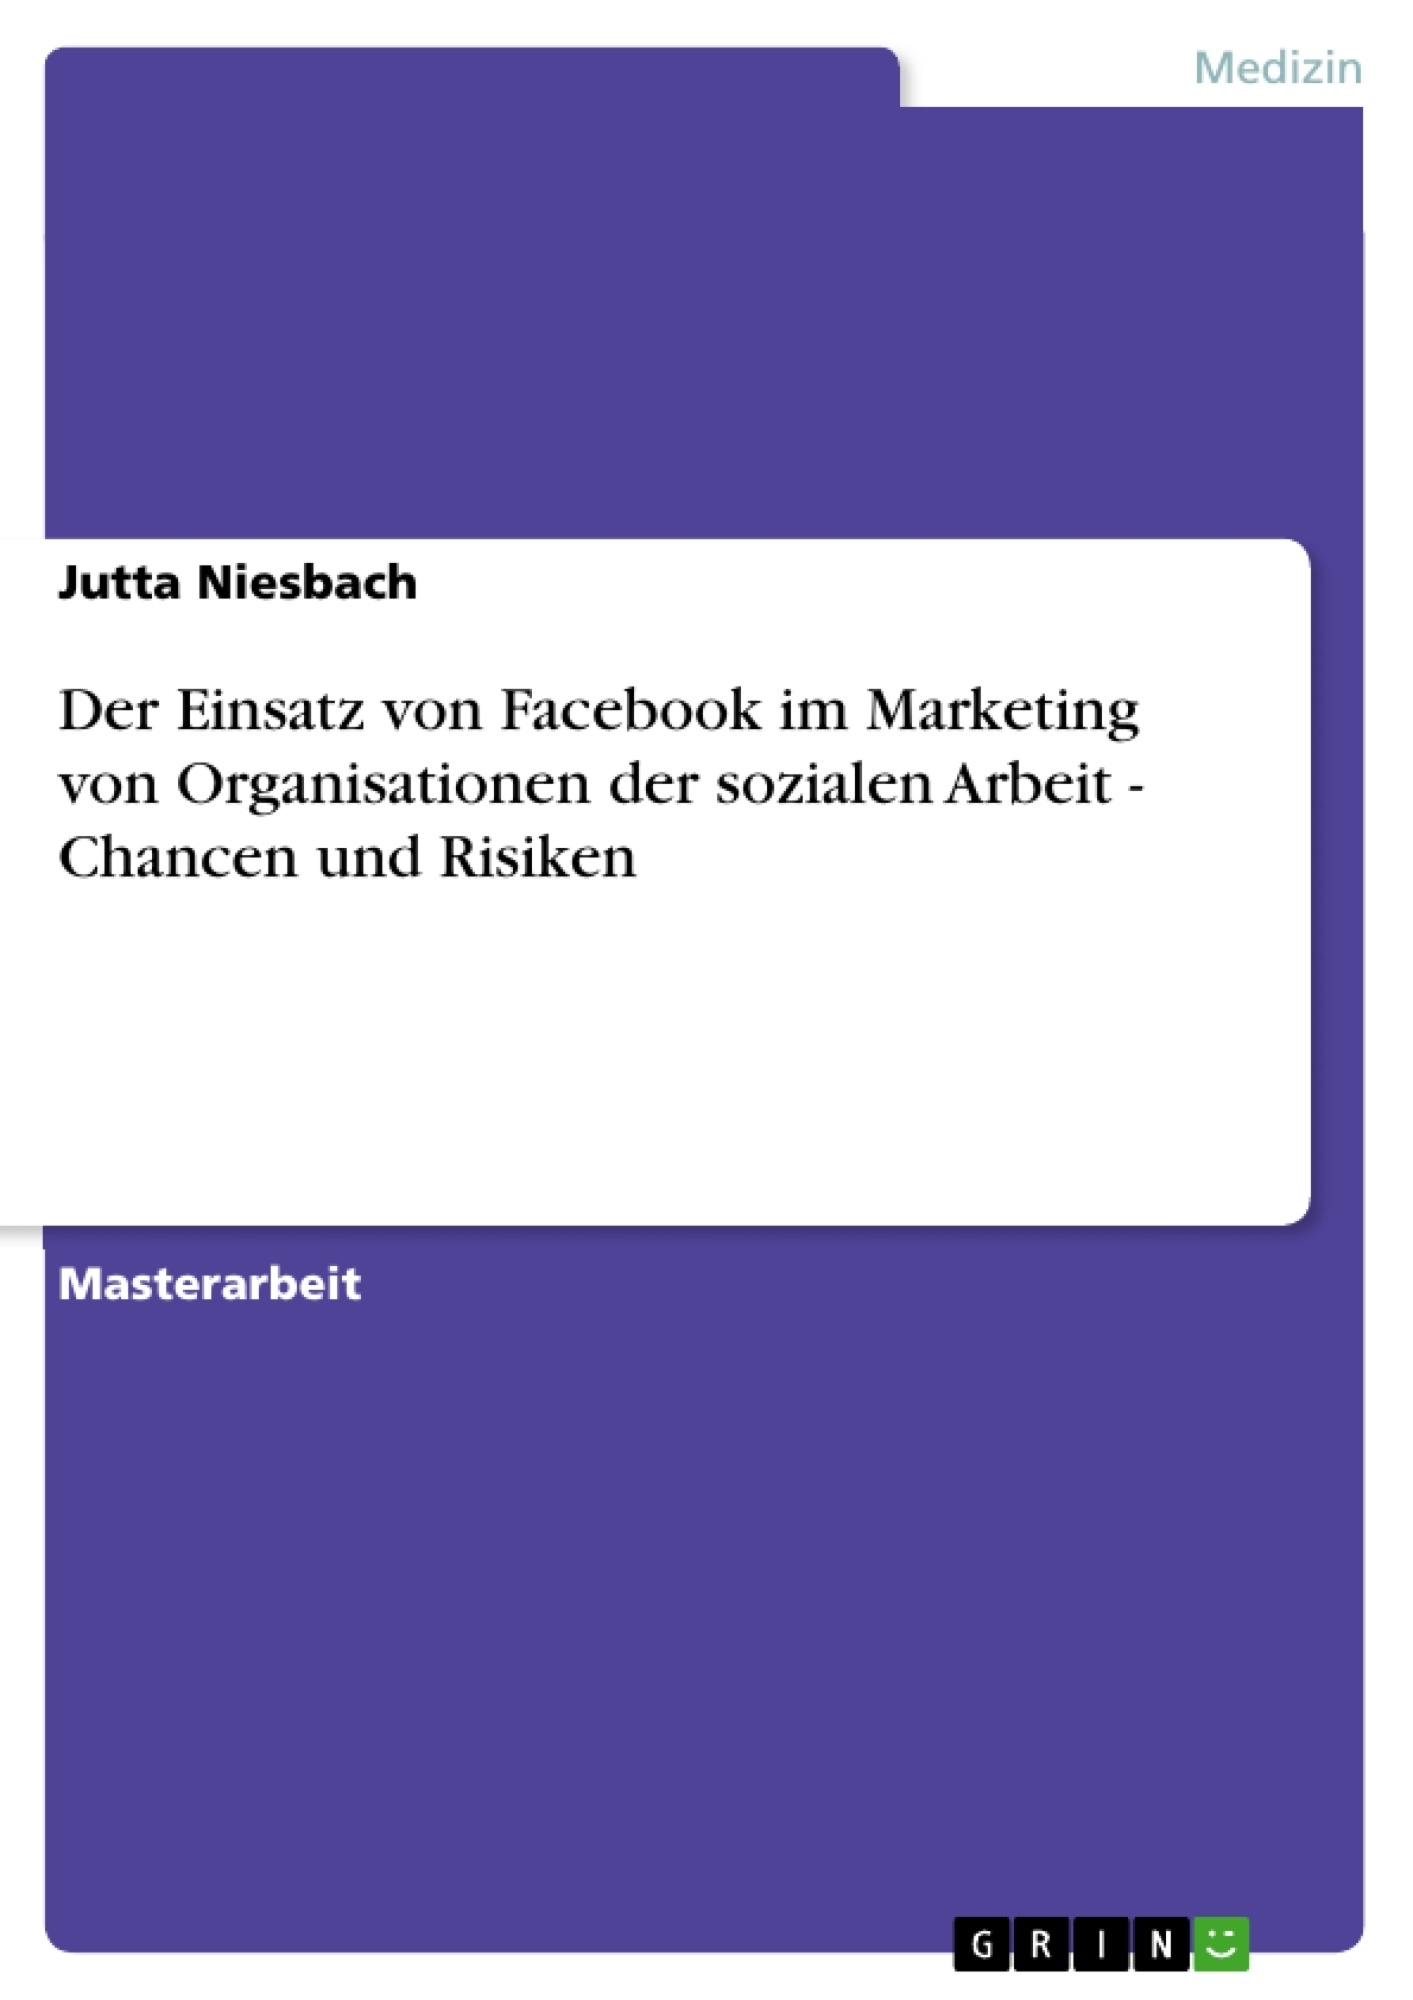 Titel: Der Einsatz von Facebook im Marketing von Organisationen der sozialen Arbeit - Chancen und Risiken